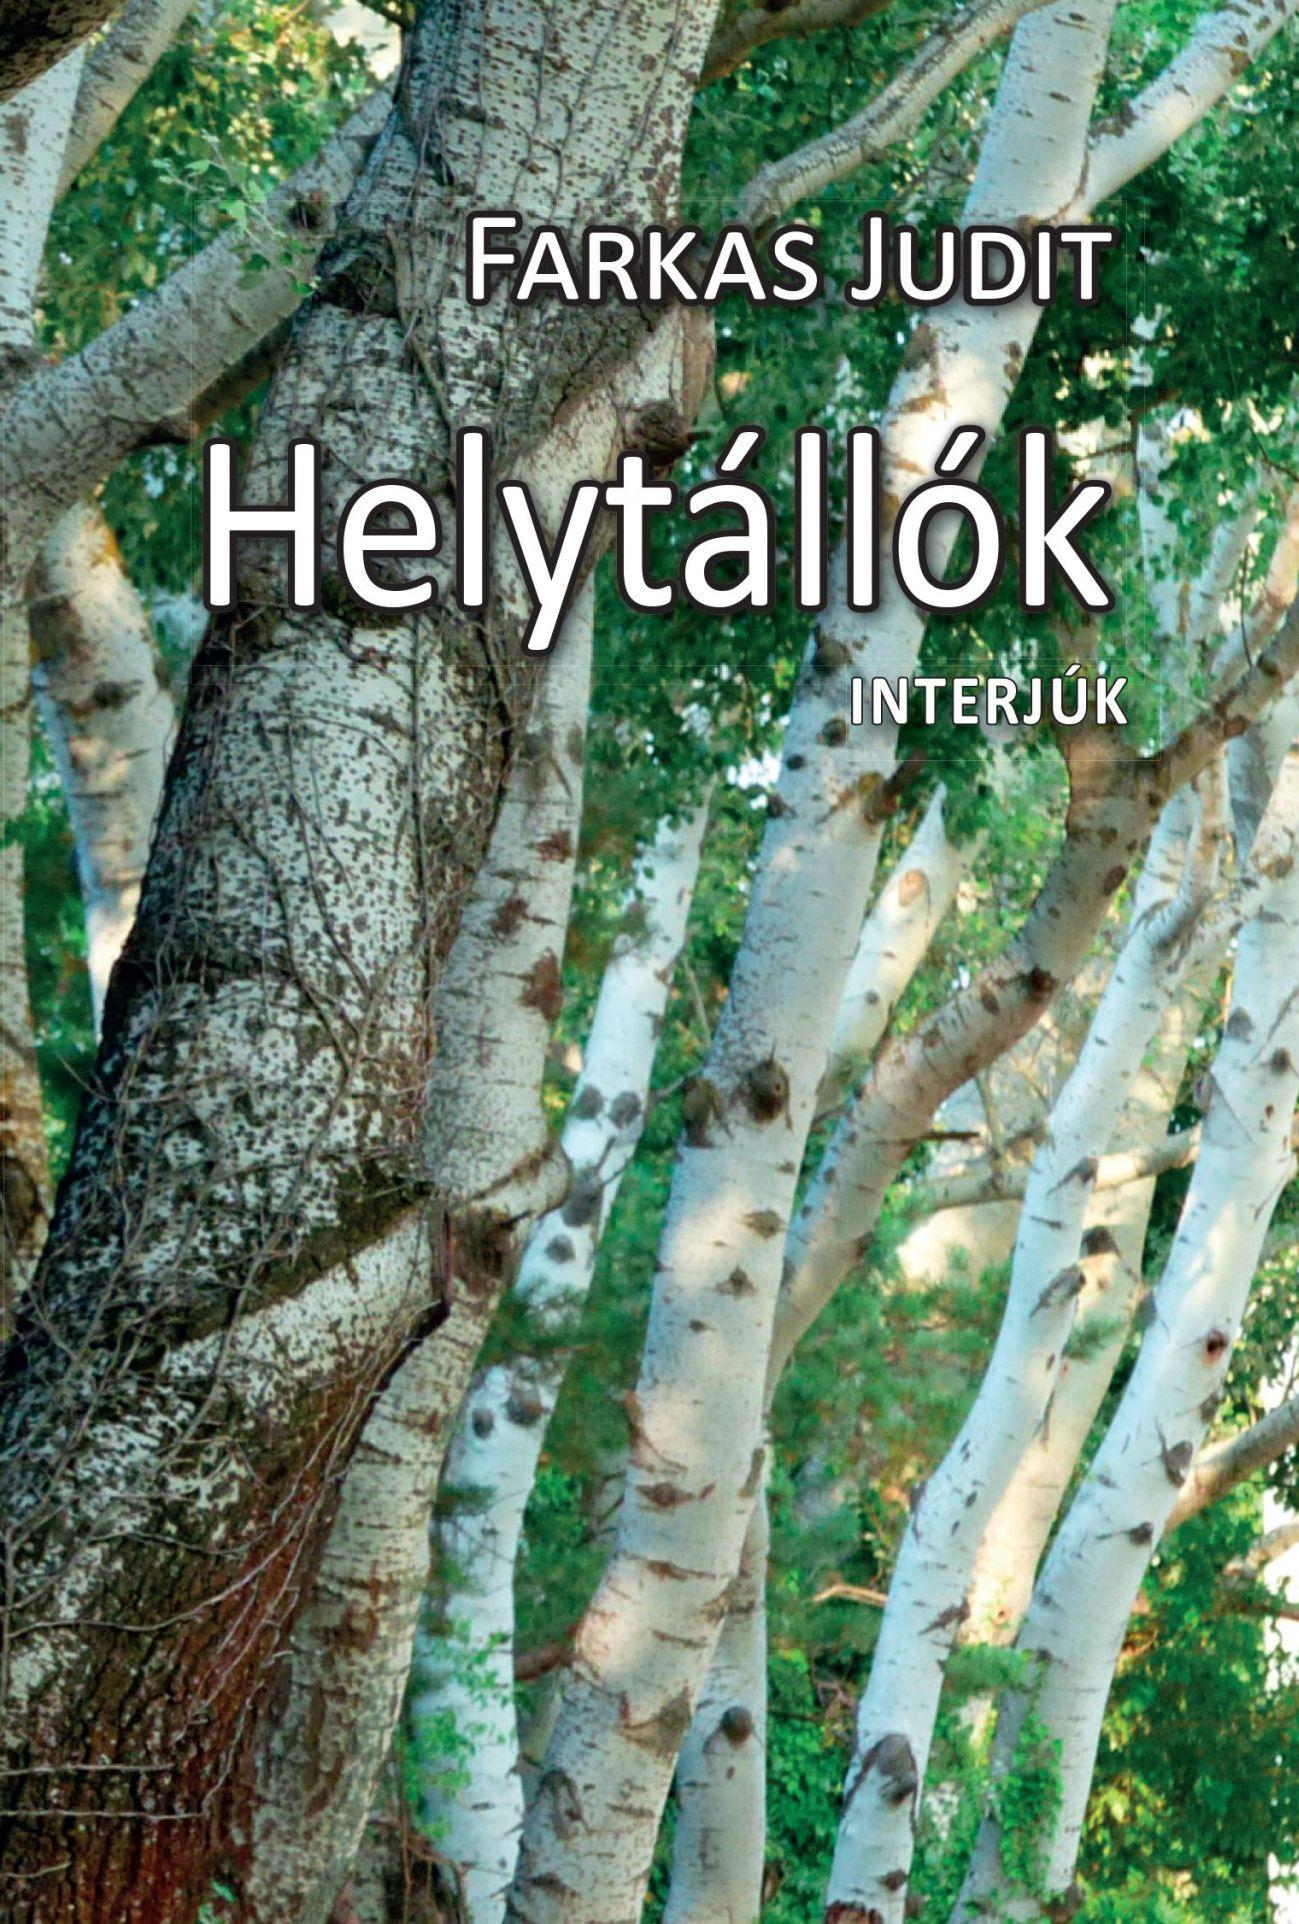 FARKAS JUDIT - HELYTÁLLÓK - INTERJÚK